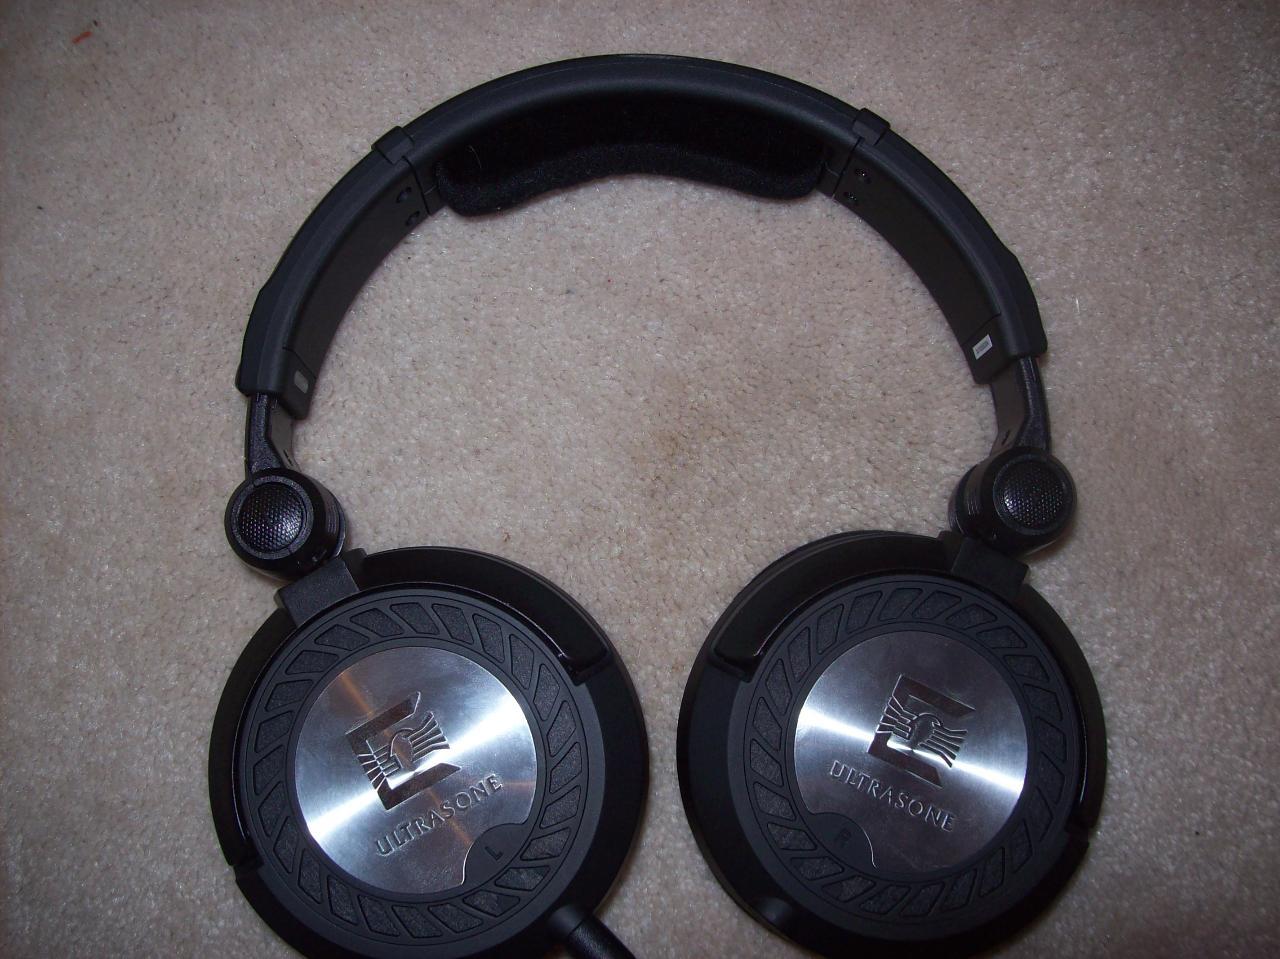 headphone1.JPG